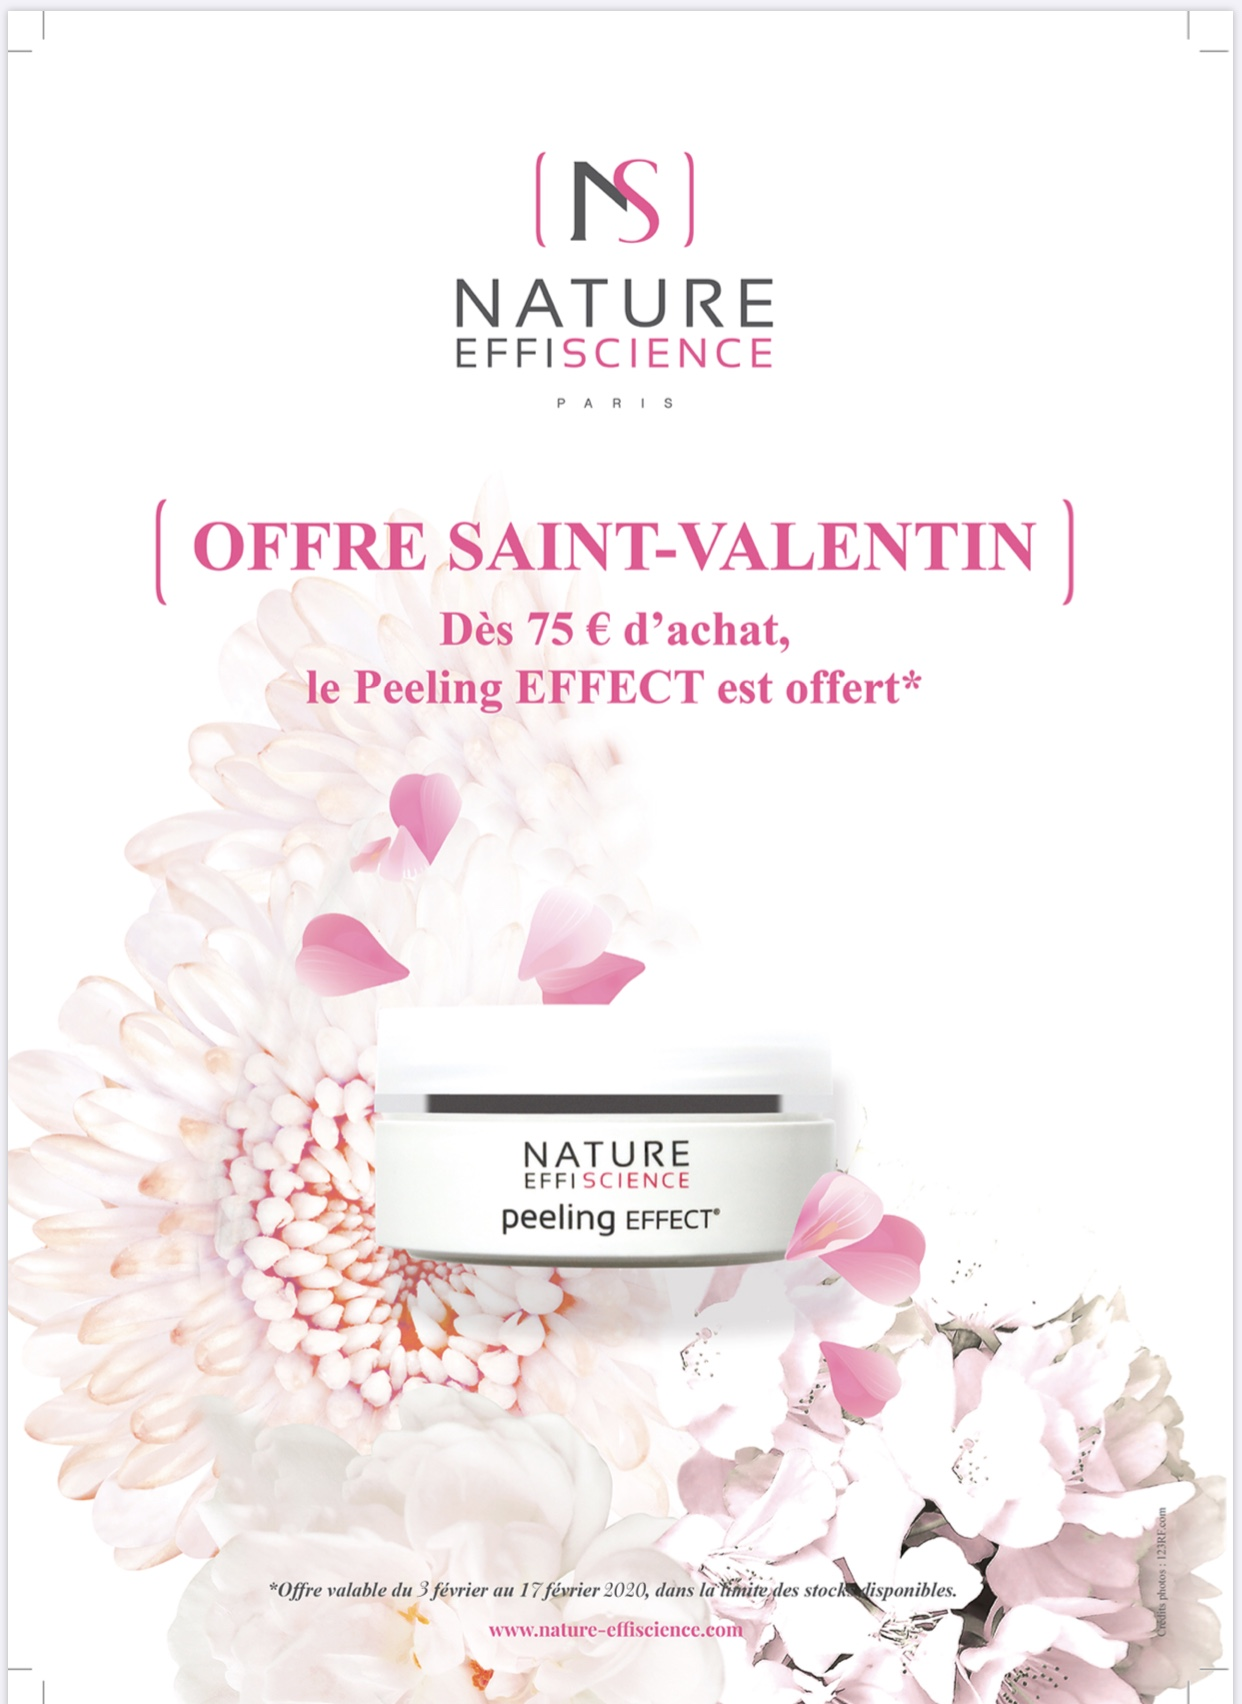 Offre saint-valentin Nature Effiscience